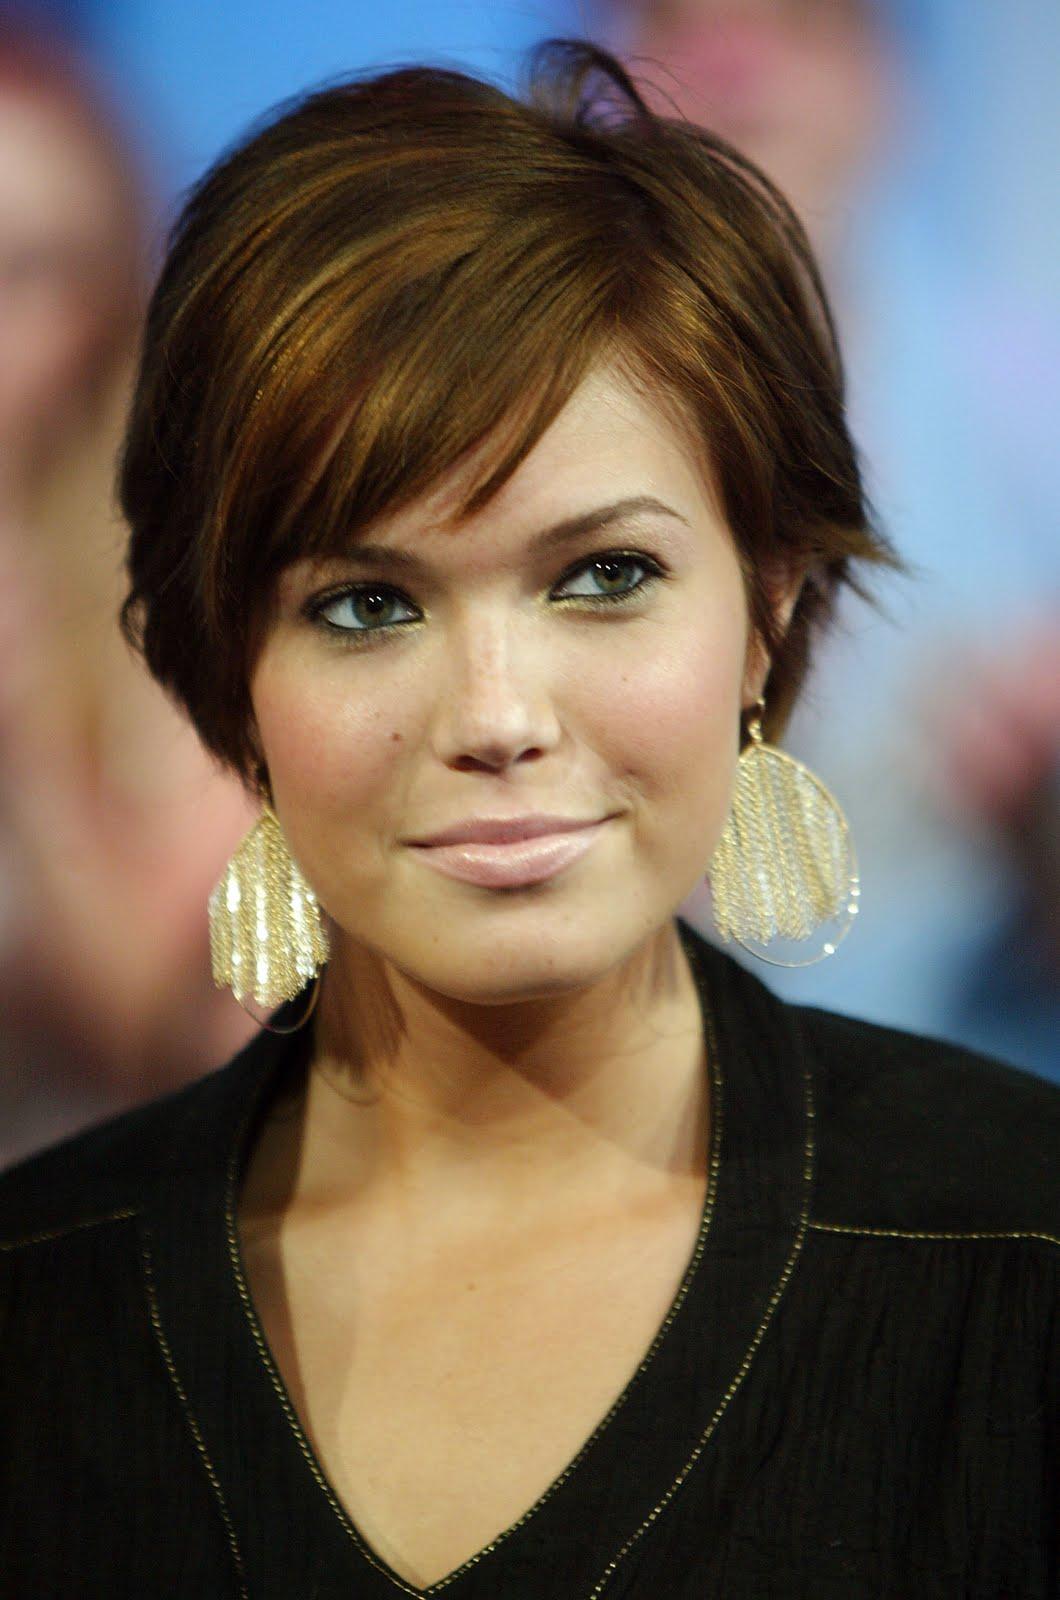 http://1.bp.blogspot.com/-oqFcEJ4cnqk/TnAxcV6xcYI/AAAAAAAAA5U/skEoW3MtCps/s1600/Mandy-Moore-Hair-1.jpg